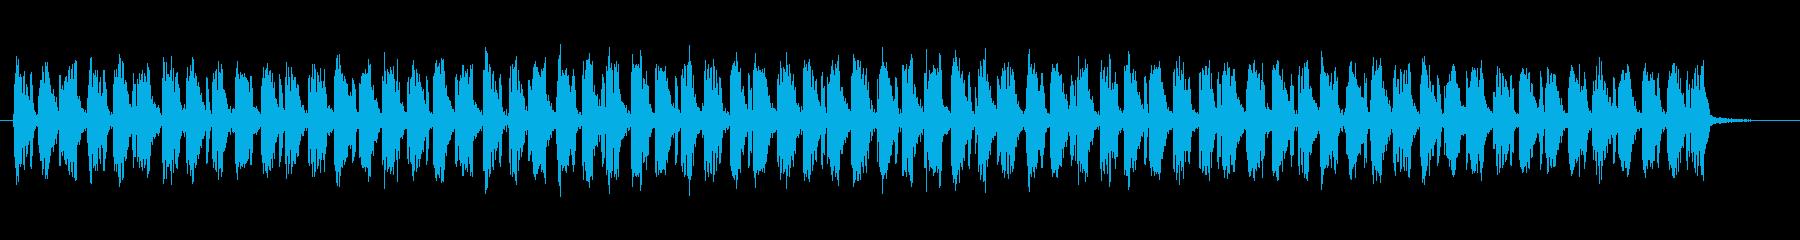 デジタル効果のあるエンジンハム造粒の脈動の再生済みの波形